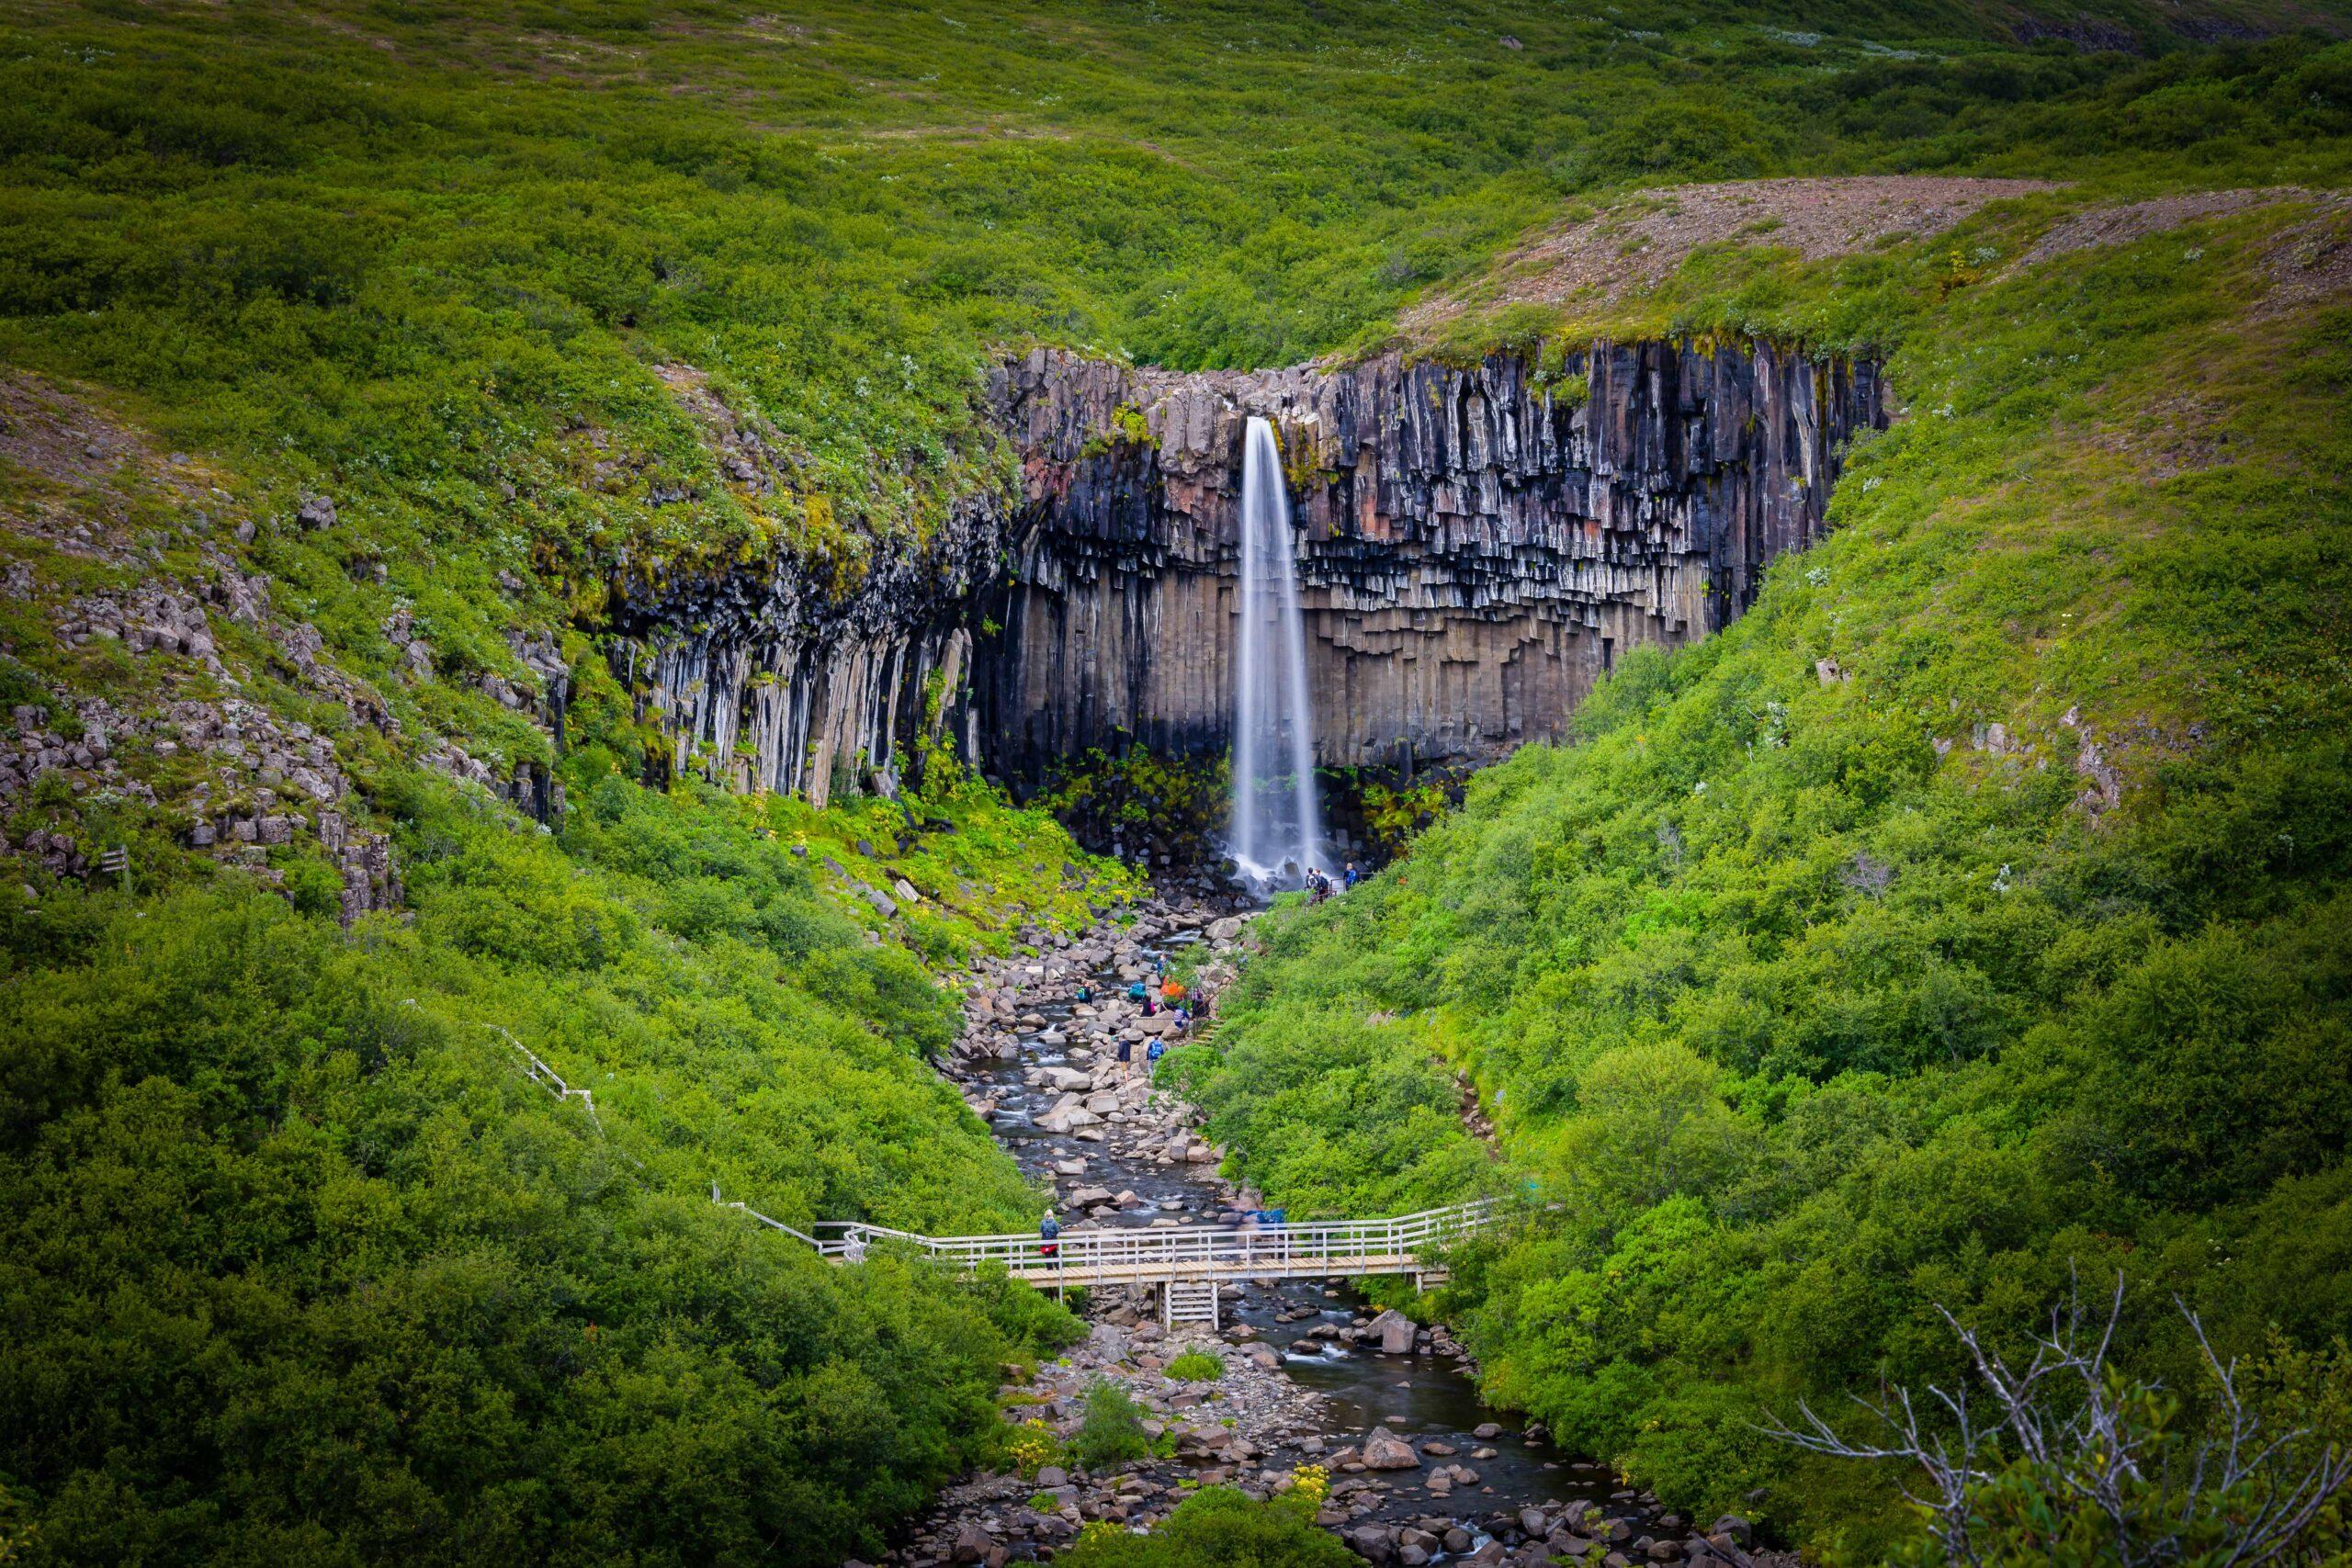 Svartifoss waterfall in Skaftafell Vatnajökull National Park in south Iceland